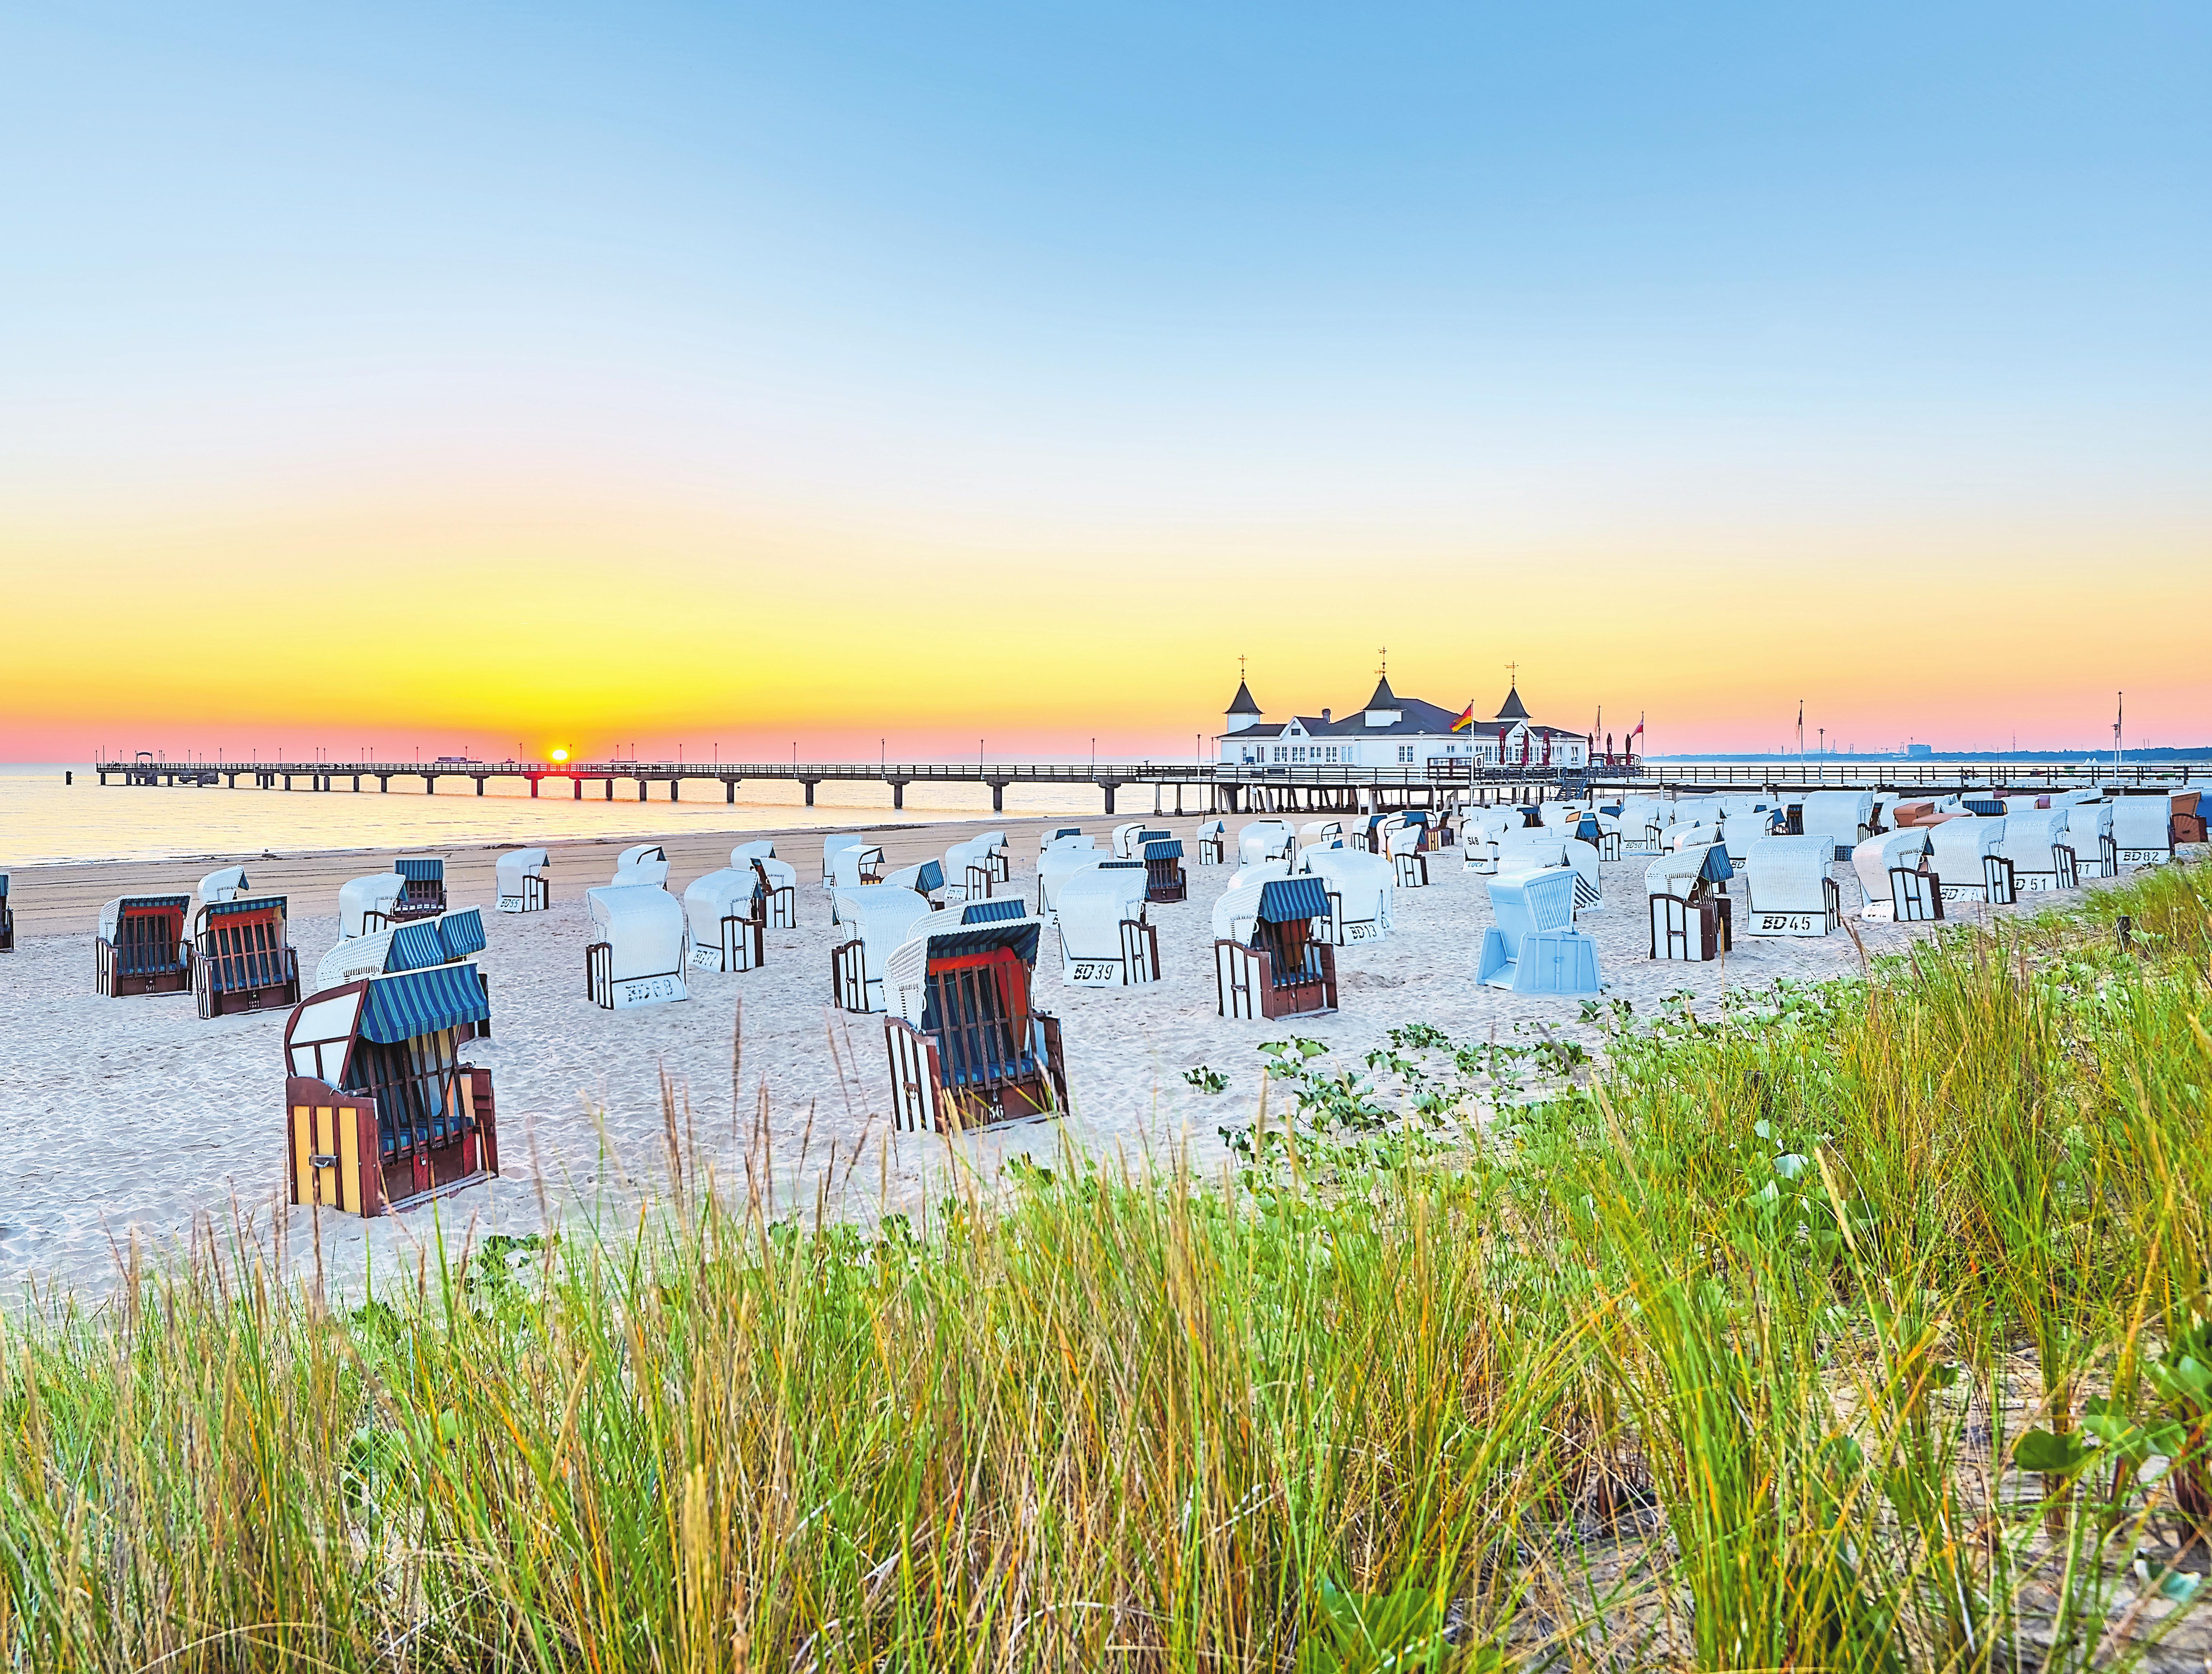 Die Ostsee bietet zahlreiche lange, gut gepflegte Sandstrände, die man etwa wie hier im Strandkorb genießen kann.